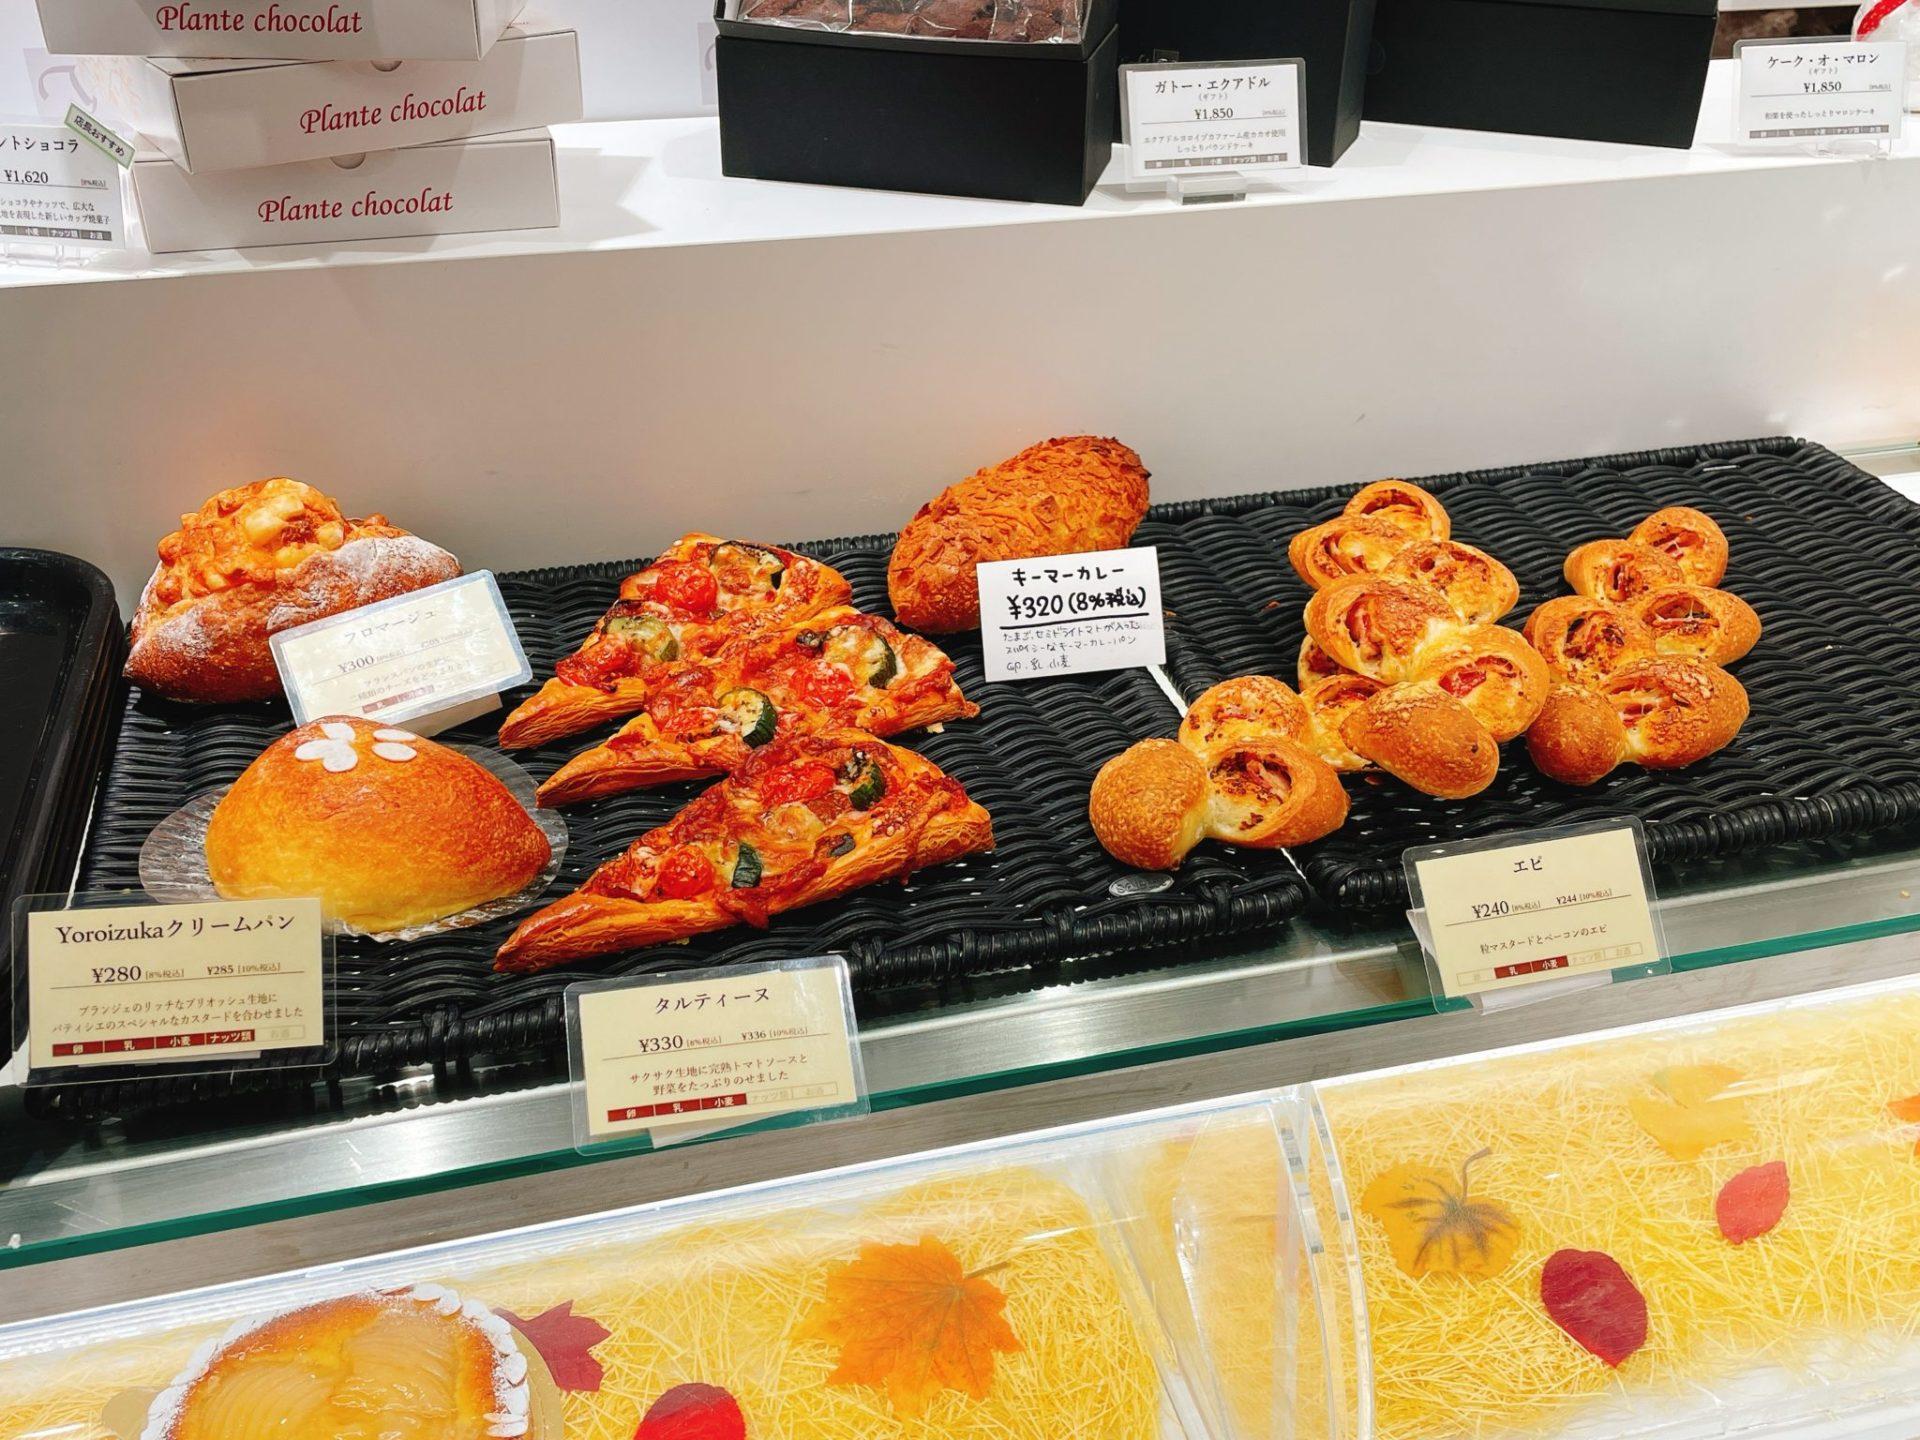 アトリエ・ヨロイヅカ(八幡山)のパン